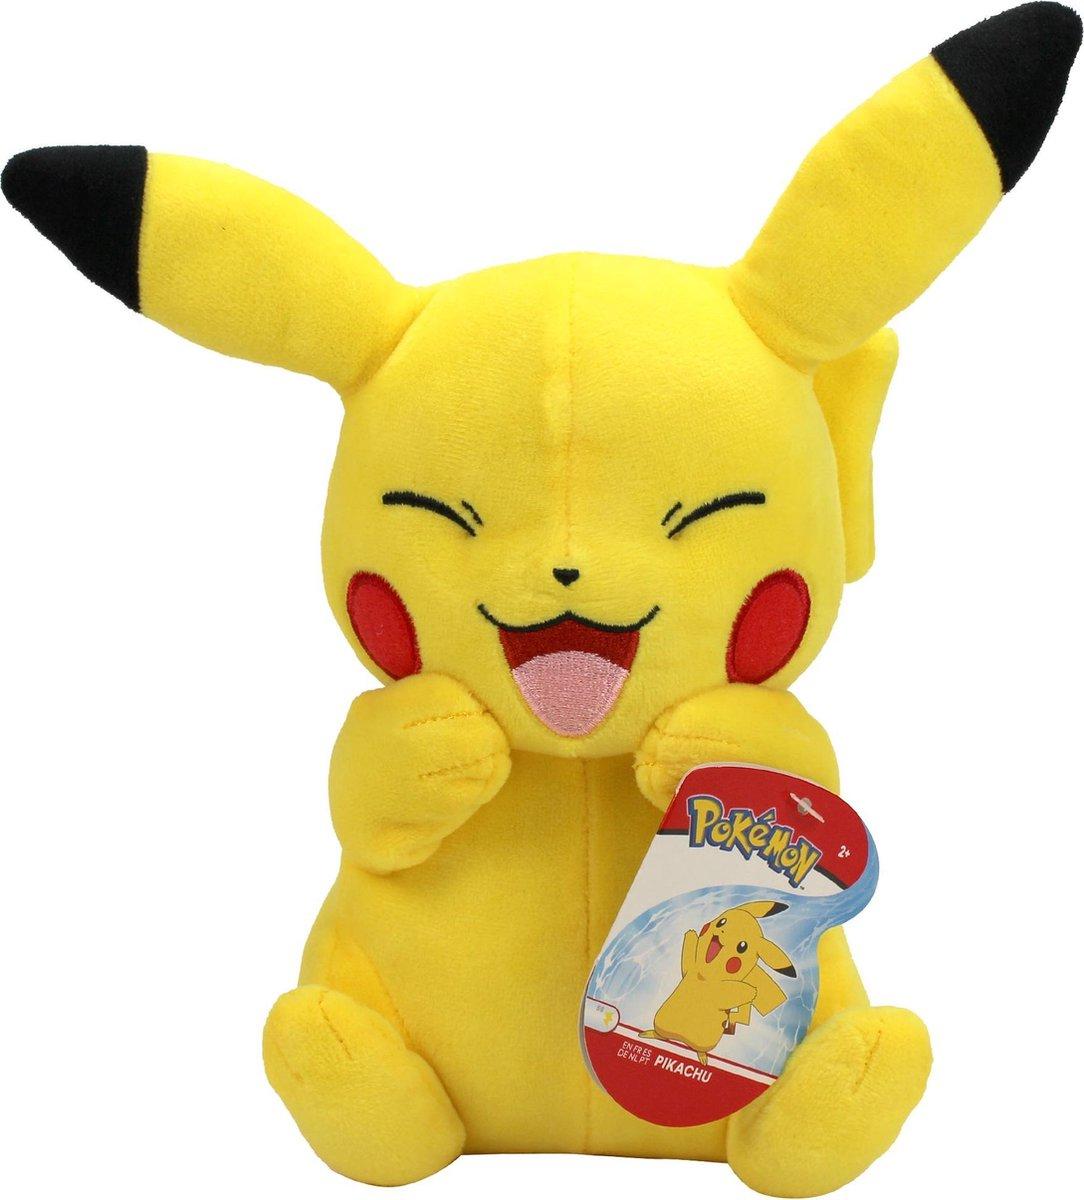 Pok mon - Pikachu - Pluchen knuffel - 20 cm